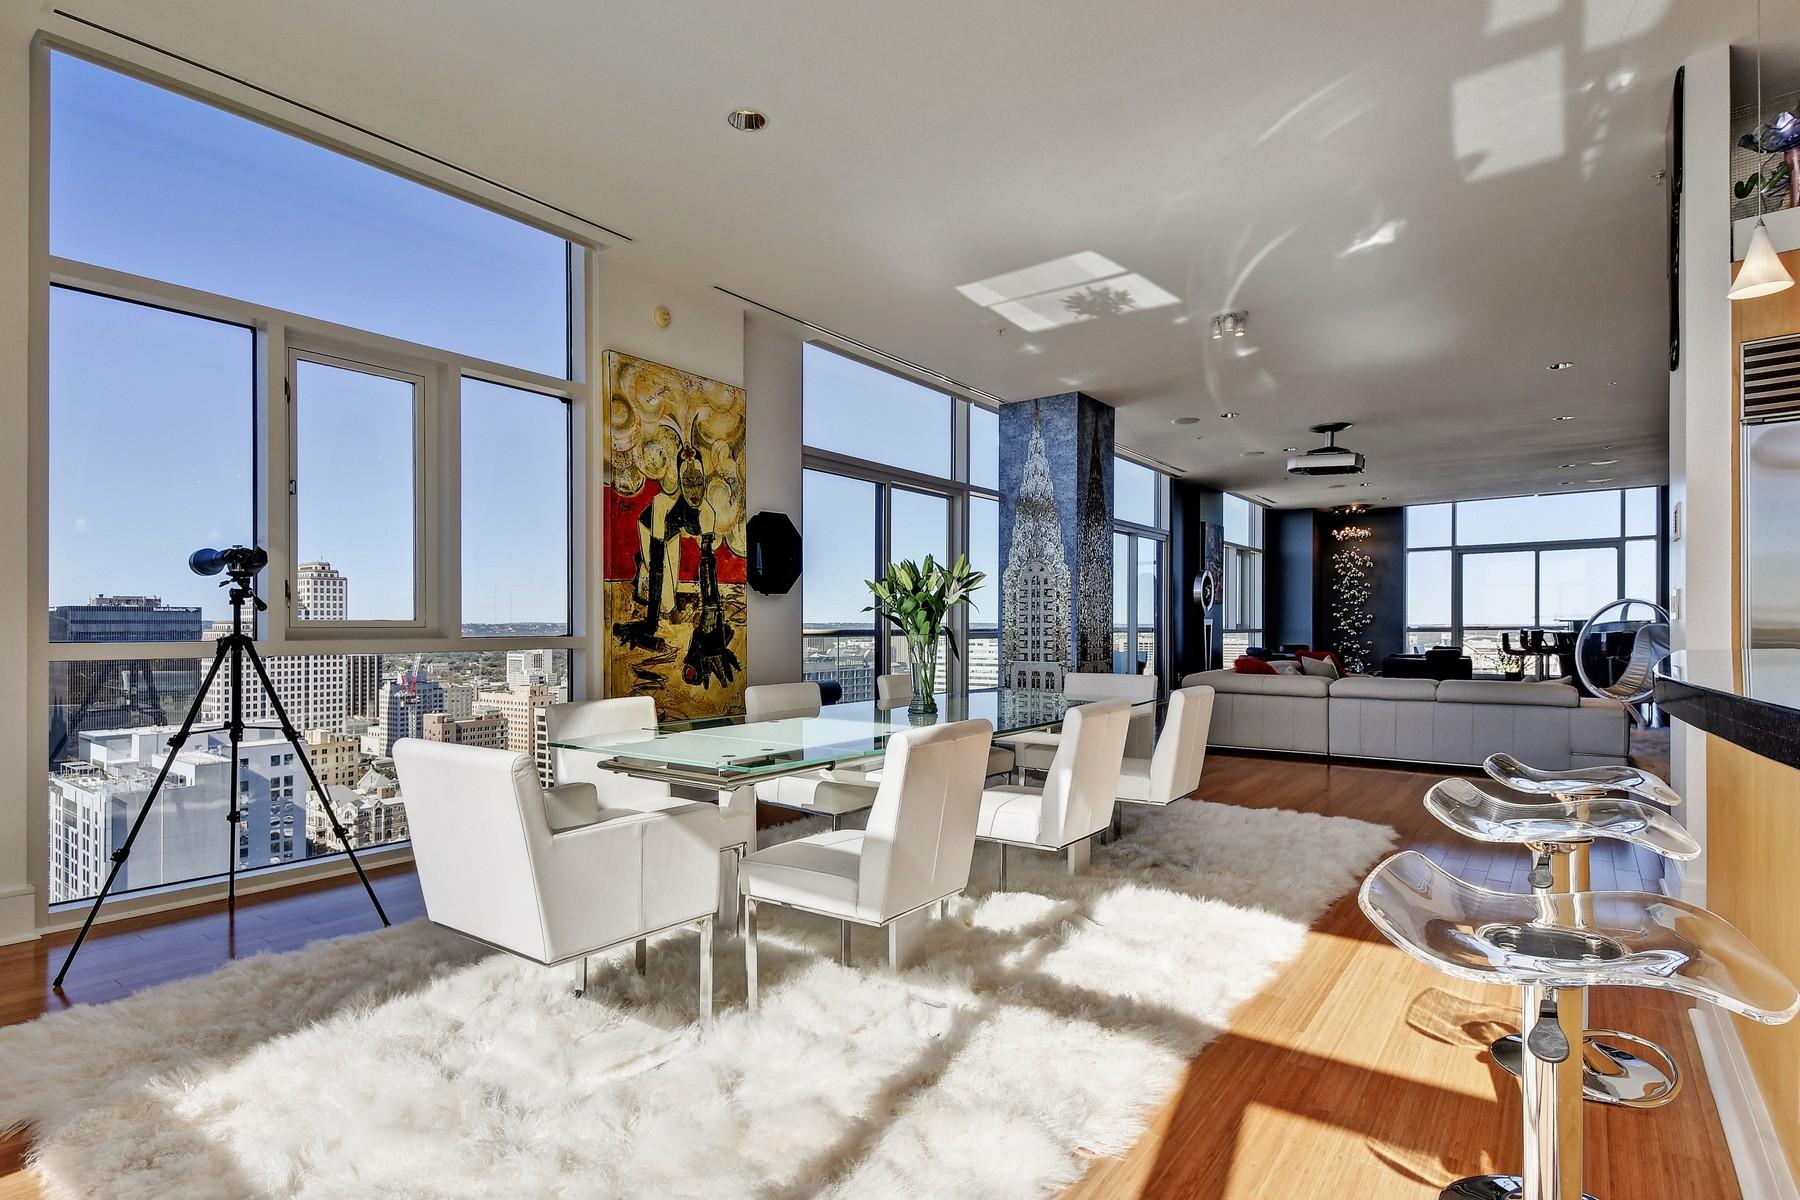 Nhà chung cư vì Bán tại SPECTACULAR VIEWS, PENTHOUSE FEEL. 555 E 5th St 2912 Austin, Texas 78701 Hoa Kỳ